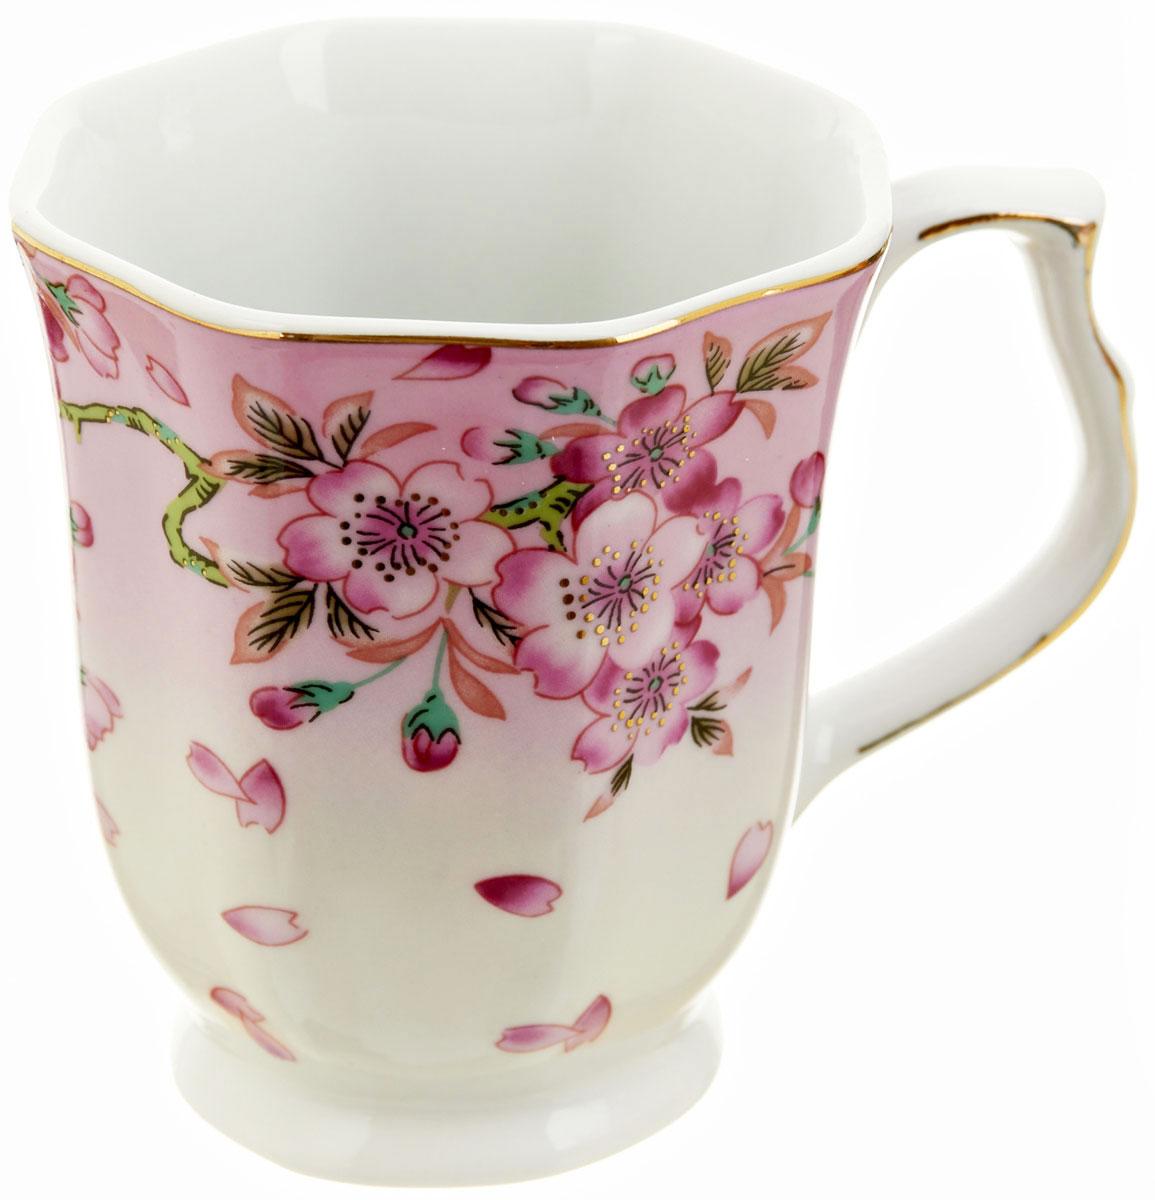 Кружка BHP Яблоневый цвет, 350 млM1270279Оригинальная кружка Best Home Porcelain, выполненная из высококачественного фарфора, сочетает в себе изысканный дизайн с максимальной функциональностью. Красочность оформления кружки придется по вкусу и ценителям классики, и тем, кто предпочитает утонченность и изысканность. В комплект входит кружка. Можно использовать в ПММ.